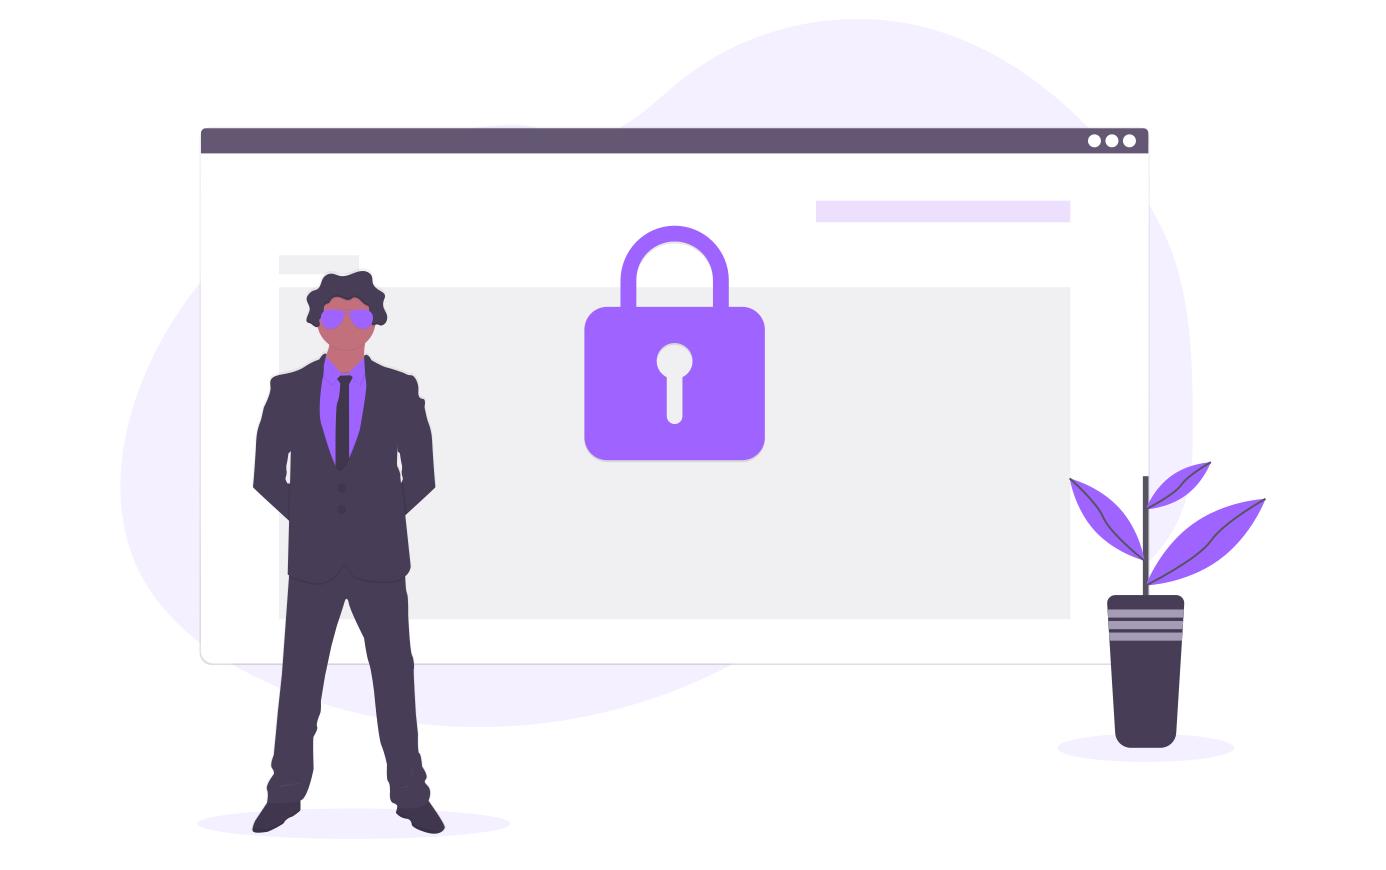 セキュリティソフトは必要?サイトで調べる前に知っておきたい事